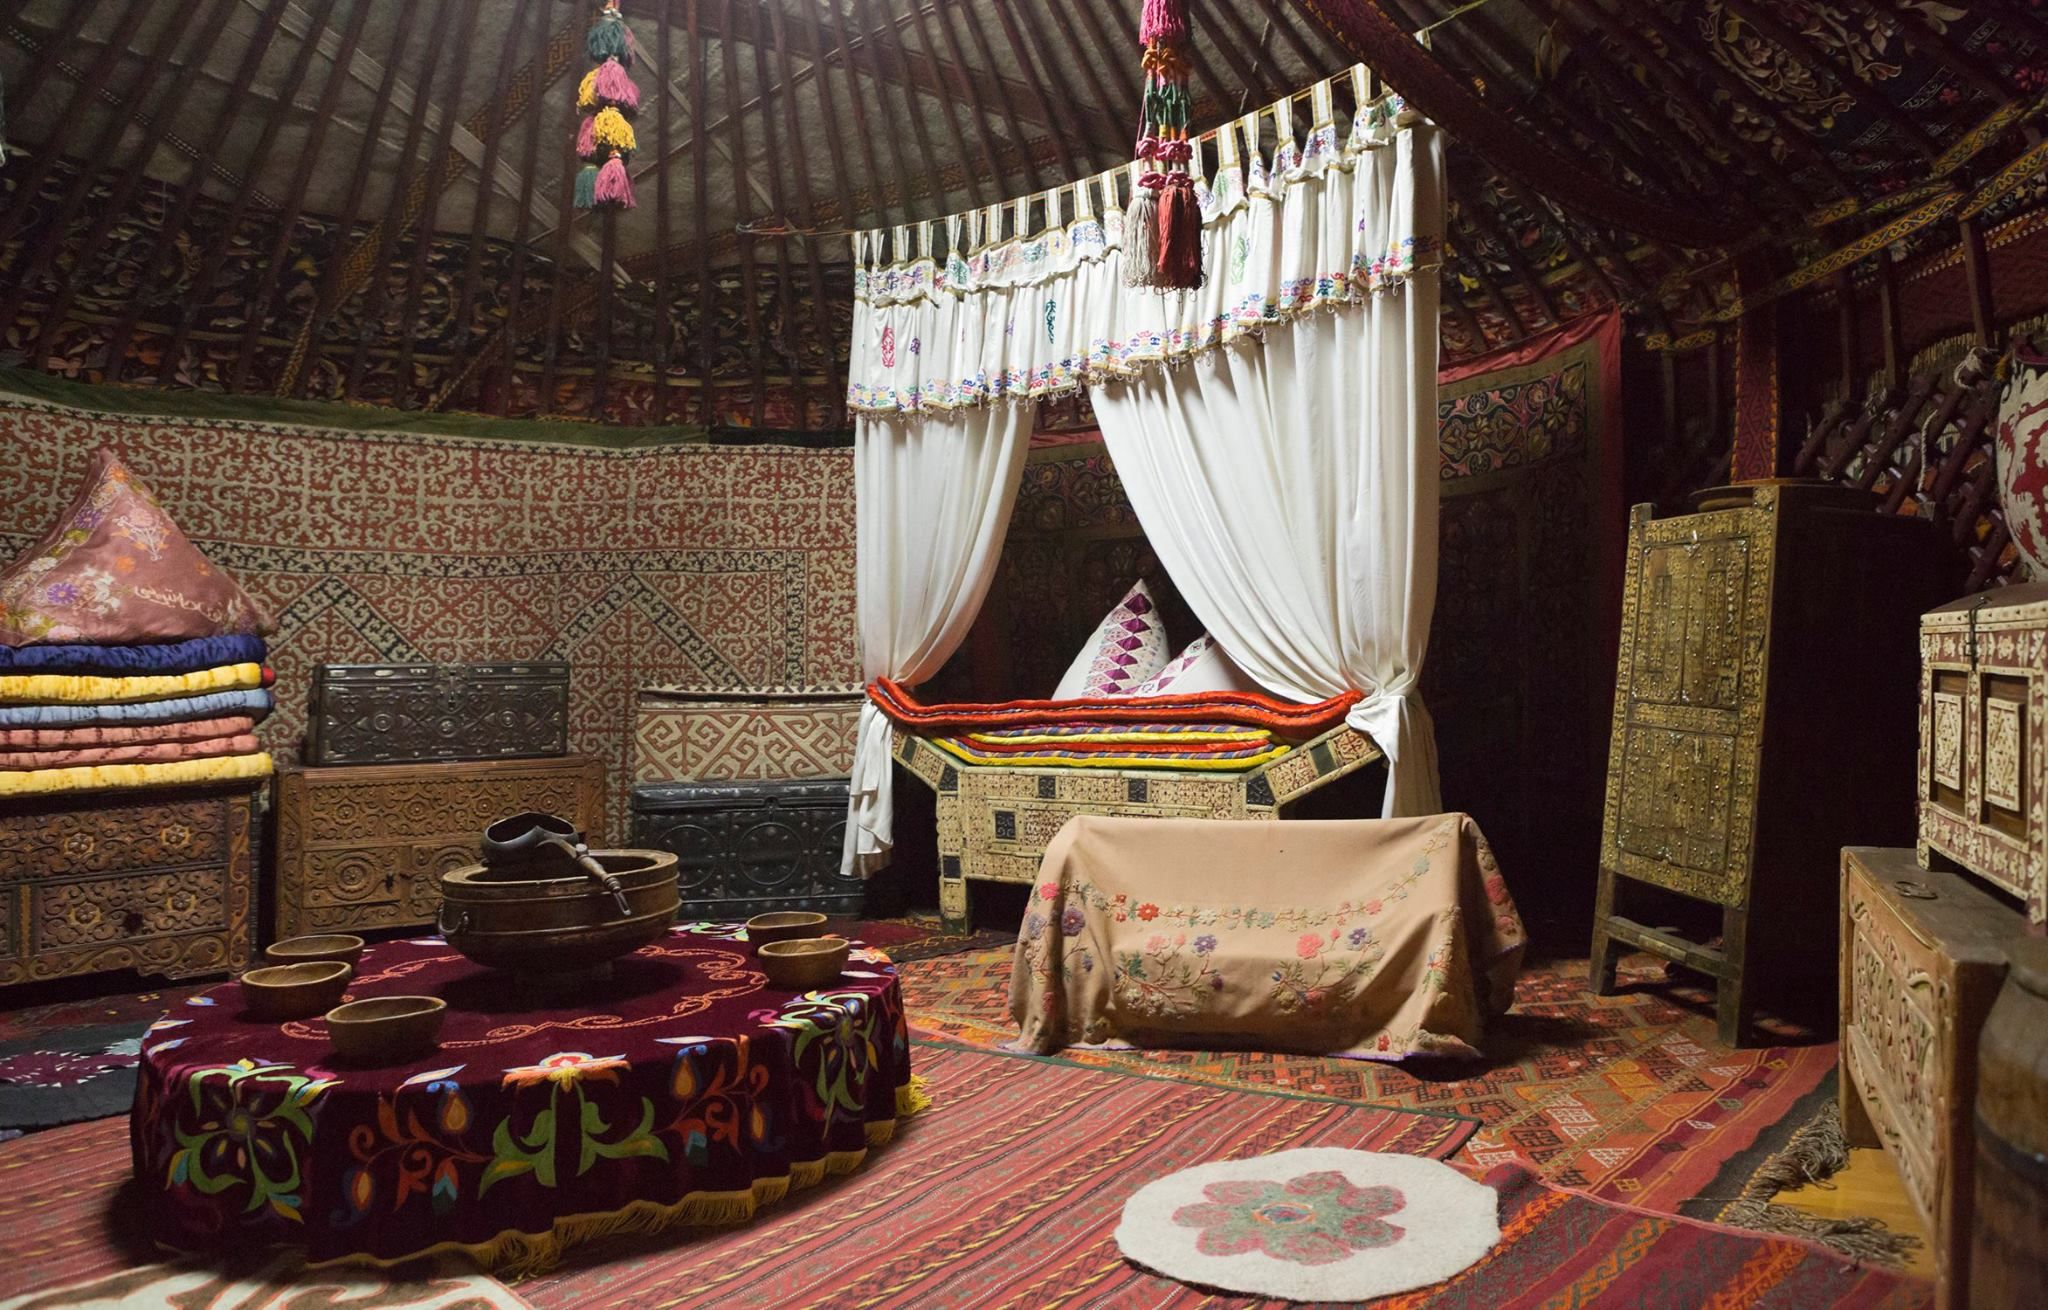 Kırgız ve Kazaklar'ın ortak kültürü boz üy (çadır) içi